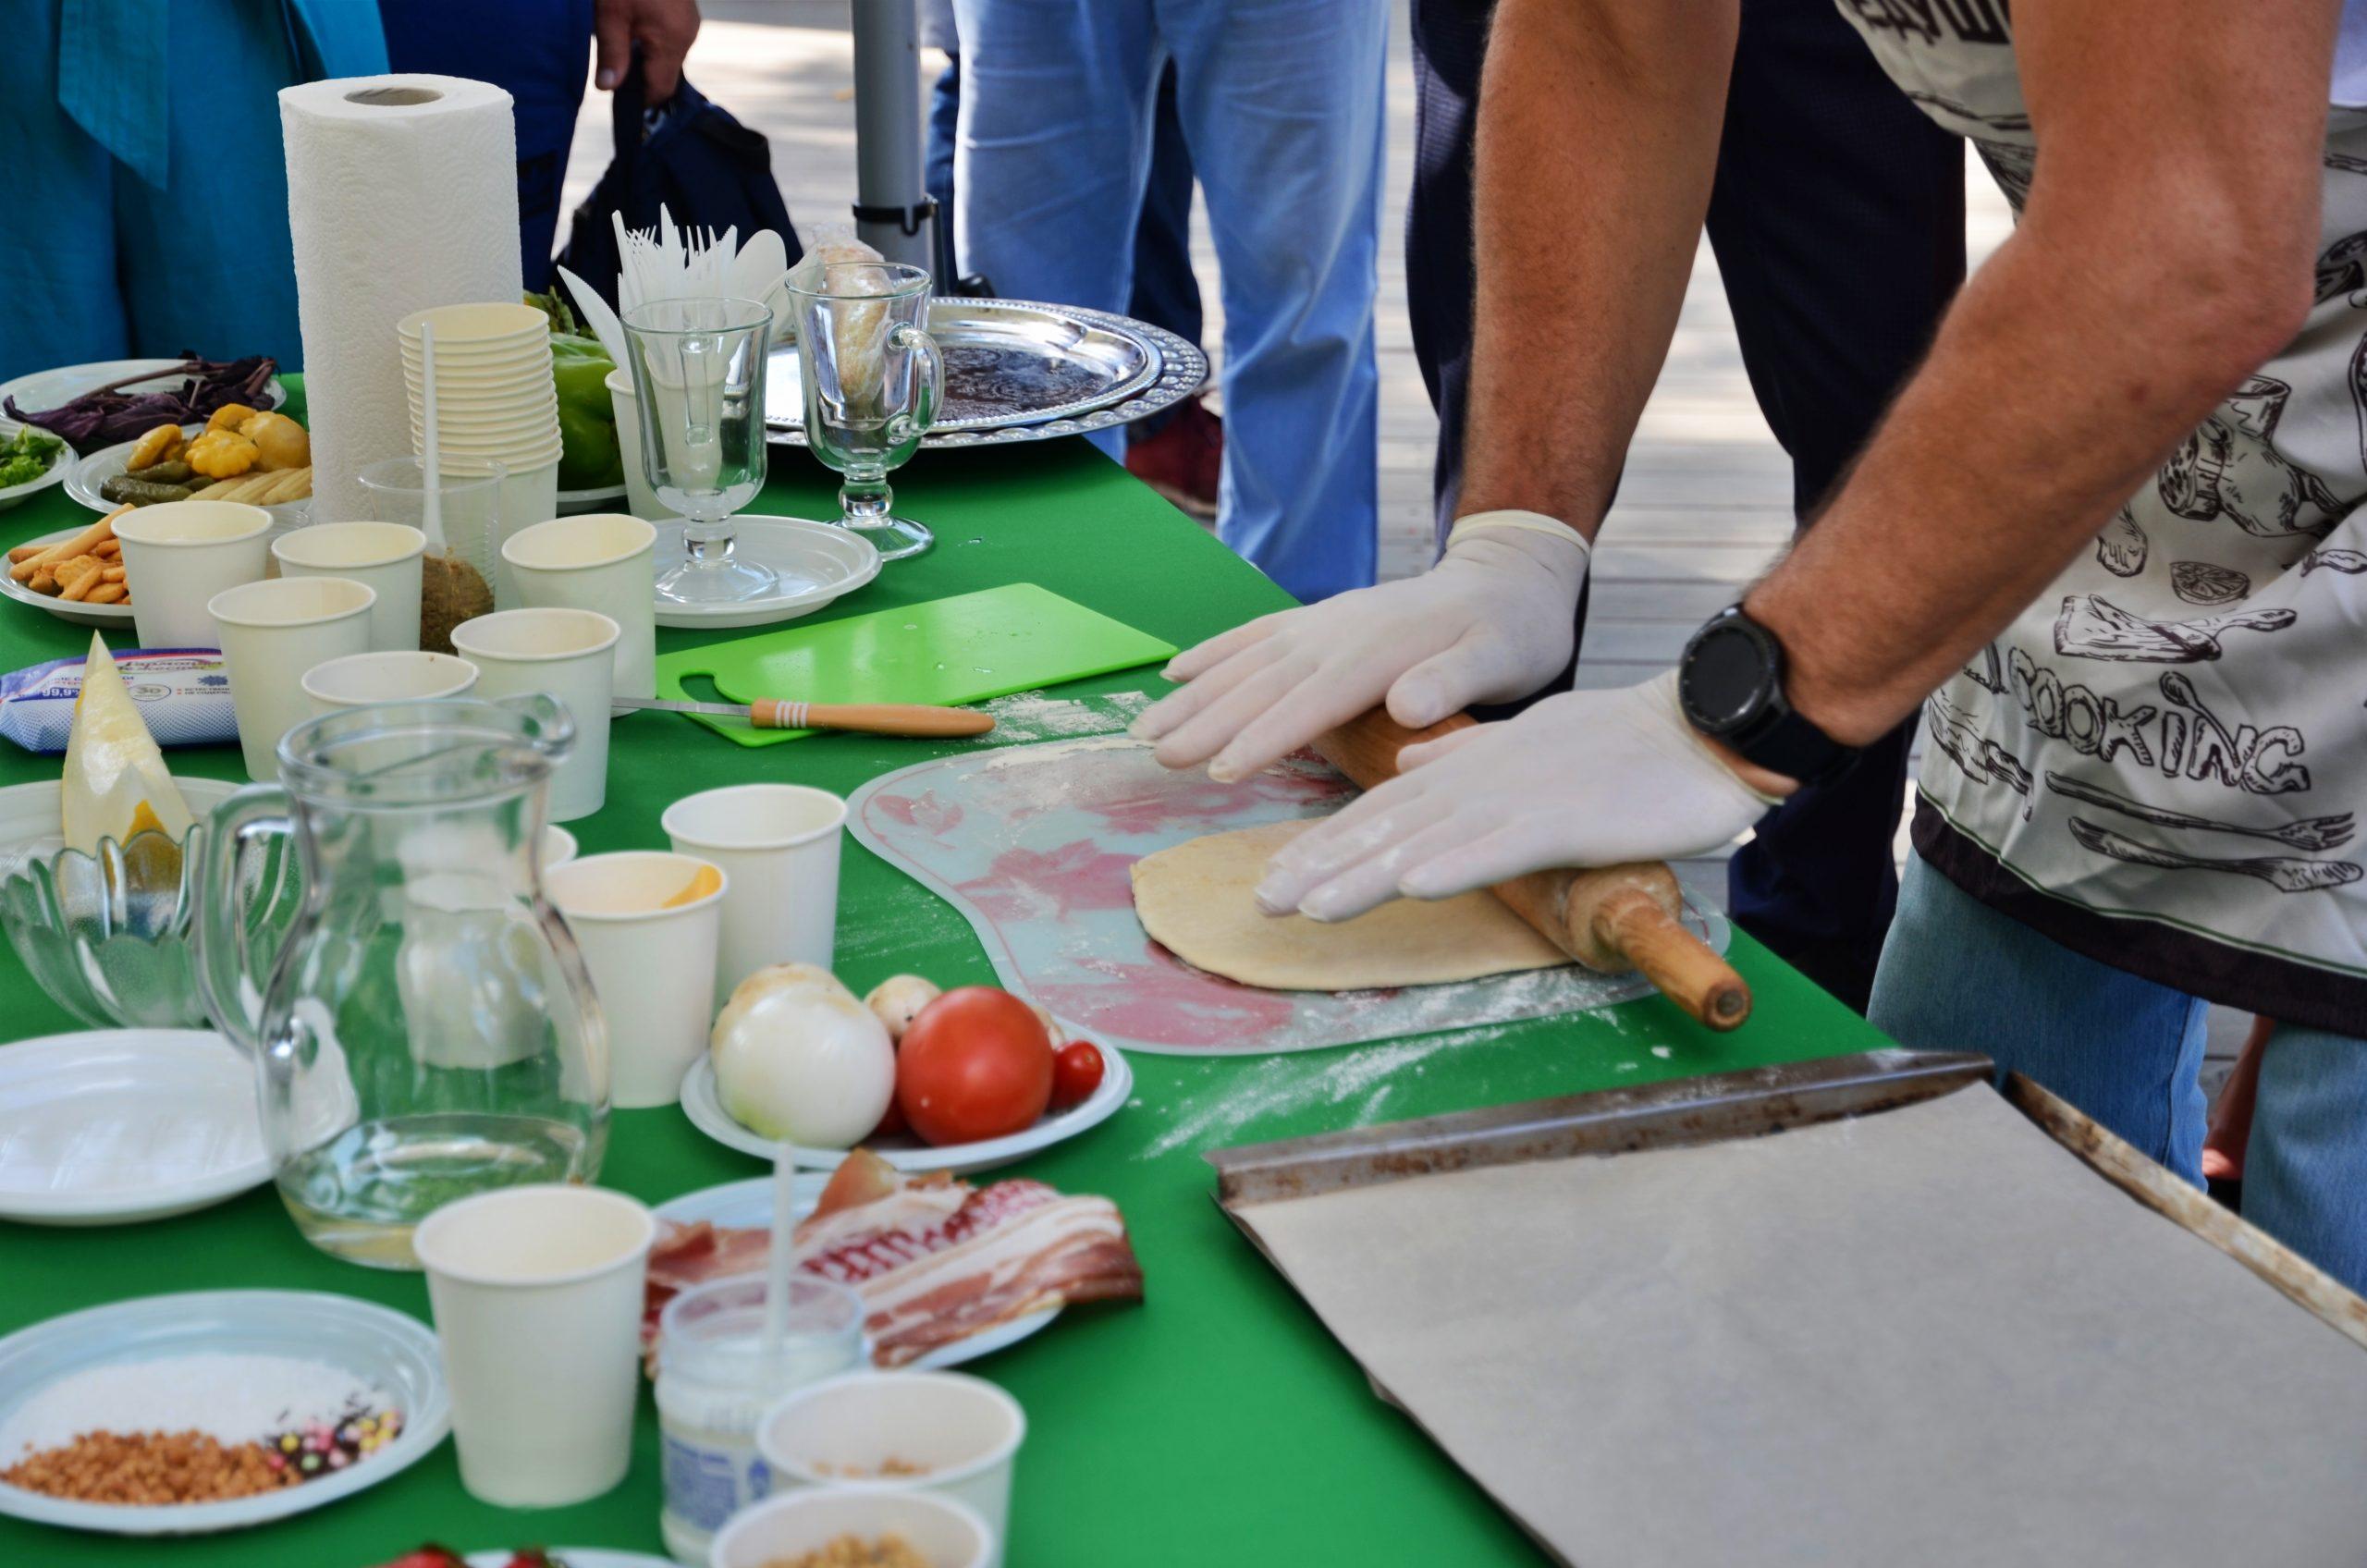 Участник проекта «Московское долголетие» из района поделилась кулинарным рецептом. Фото: Анна Быкова